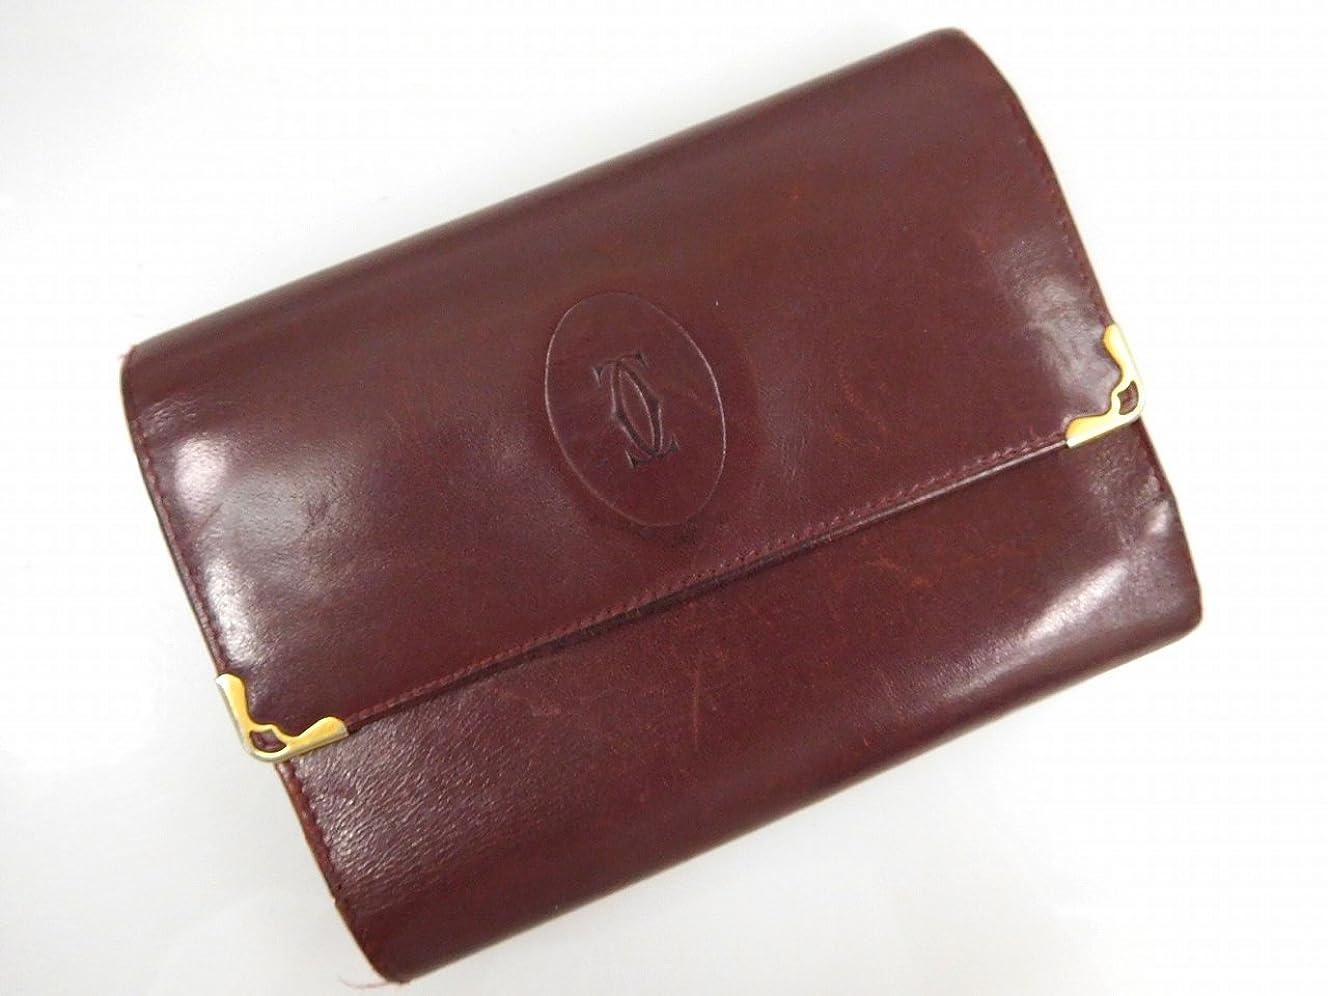 小売マントパック[カルティエ] Cartier 二つ折り財布 レザー X11996 中古